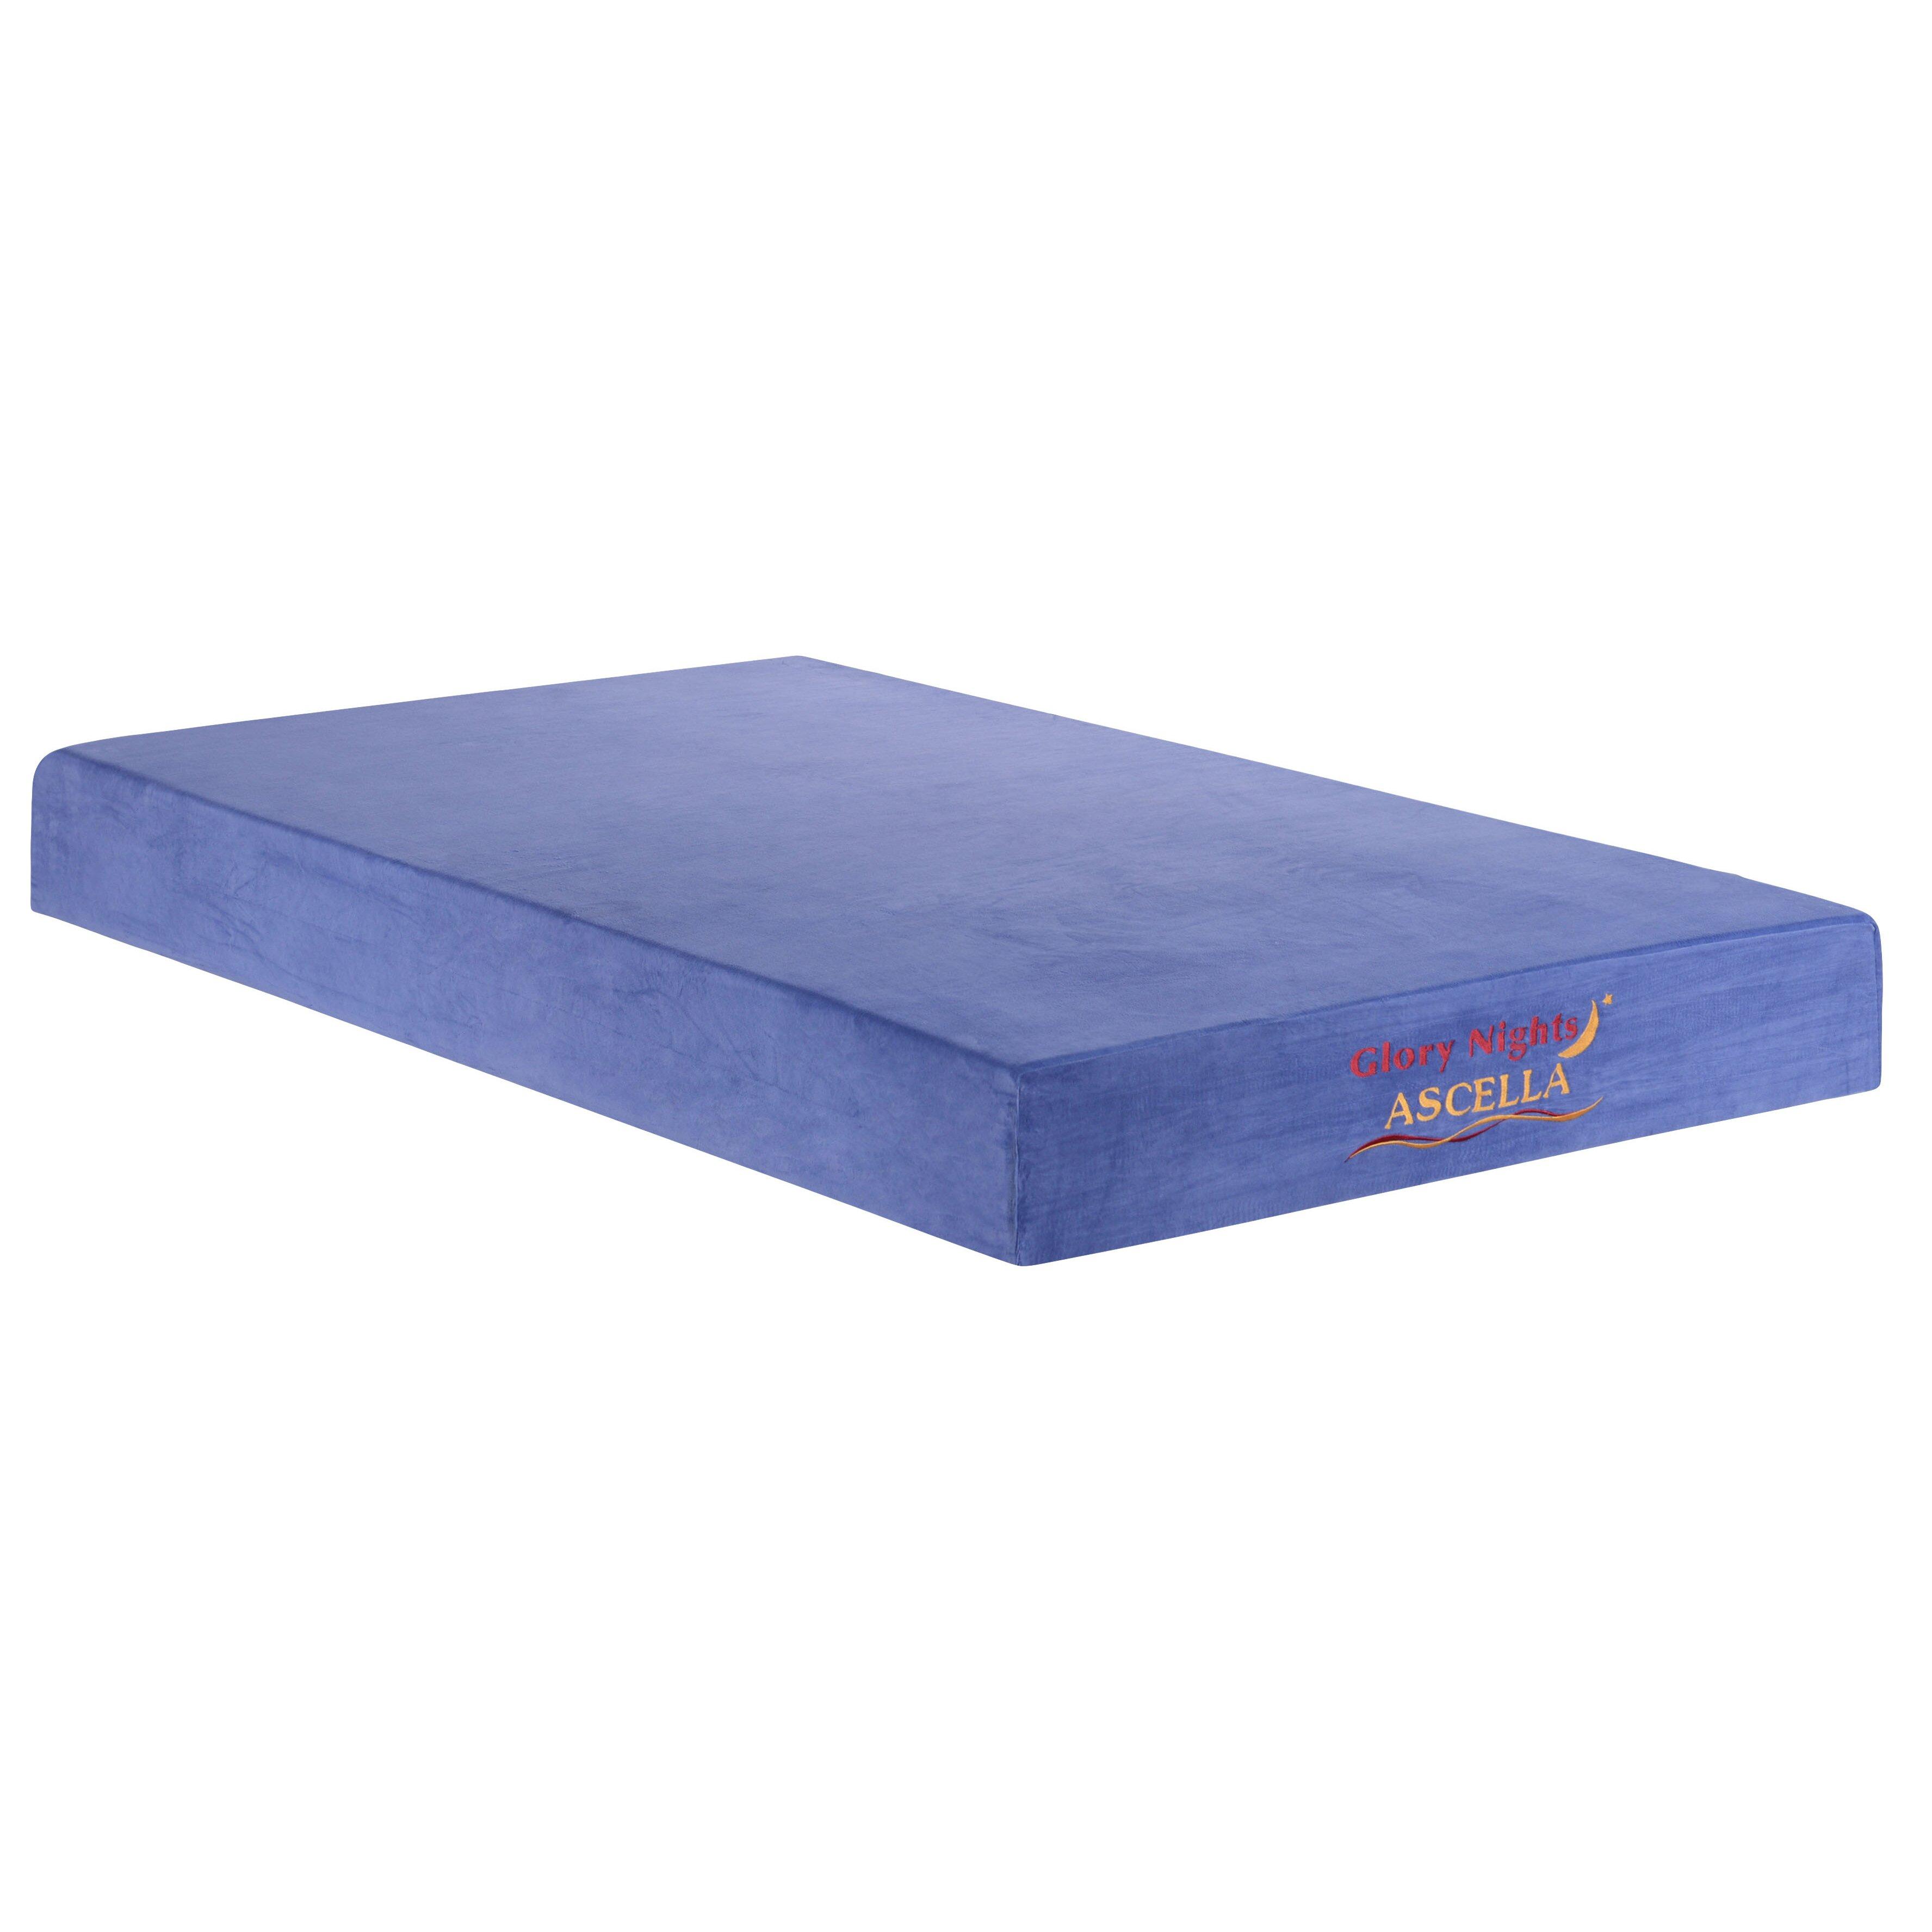 """Ascella 8"""" Memory Foam Mattress in Blue"""